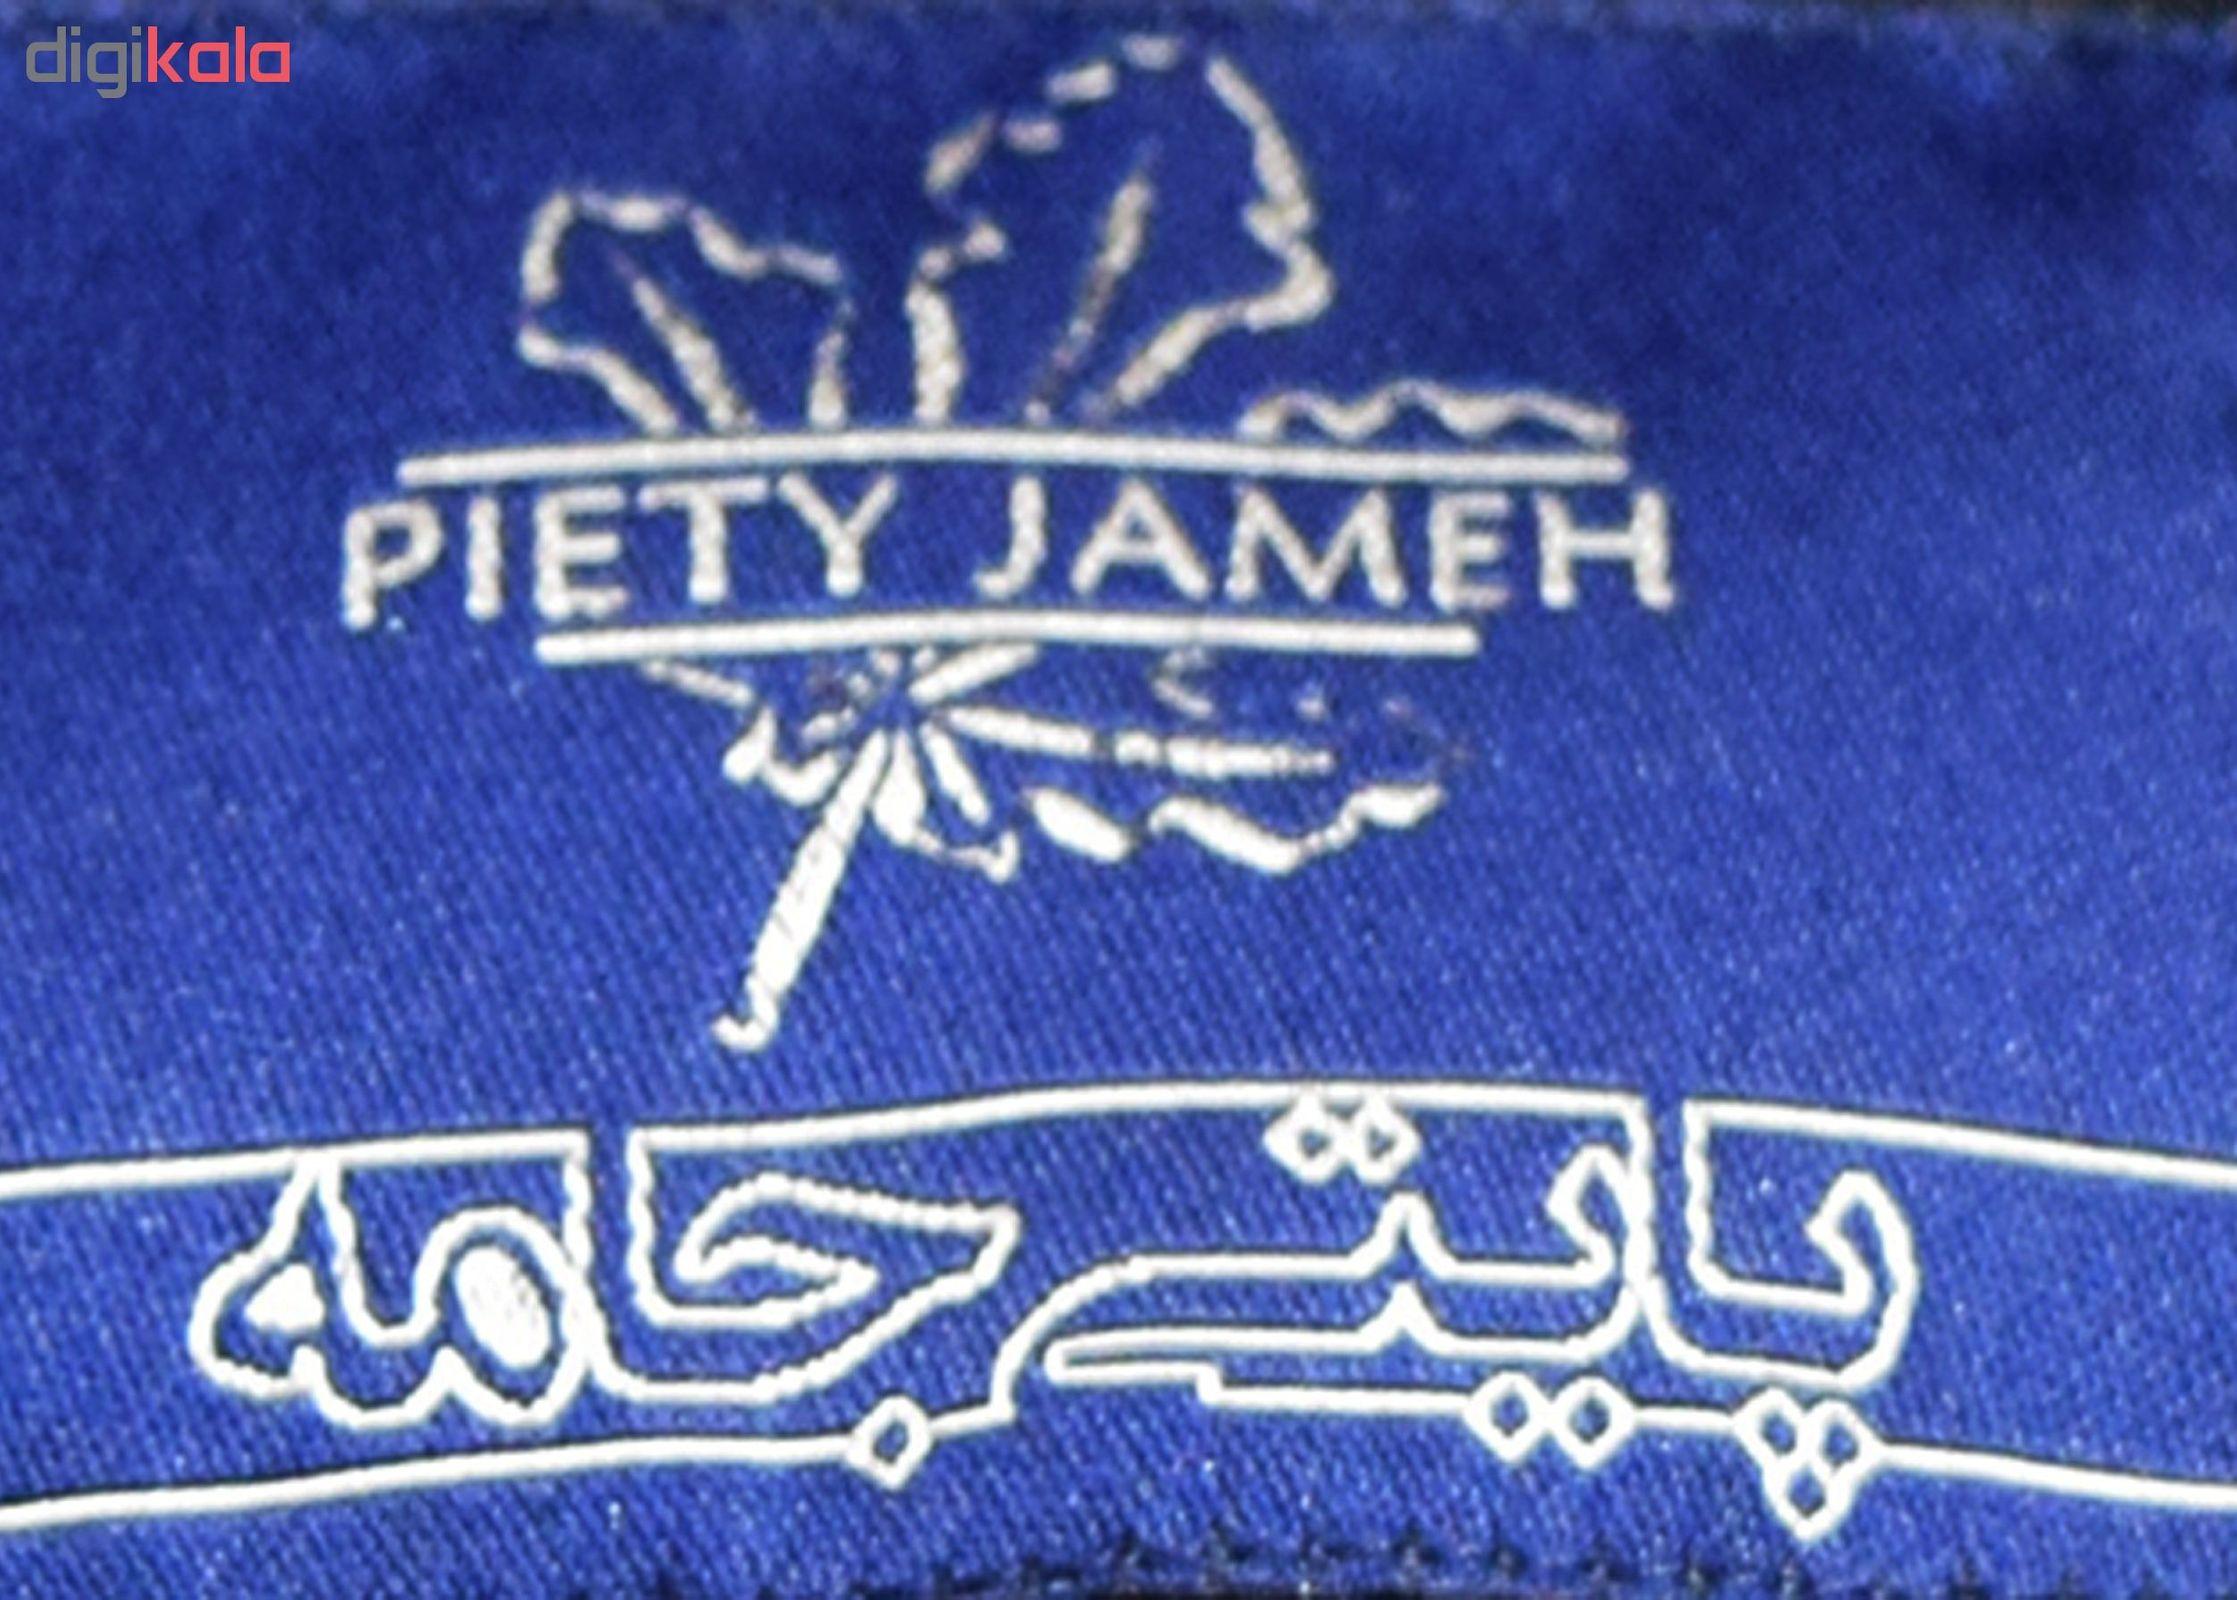 پیراهن مردانه پایتی جامه کد 1901439 main 1 6